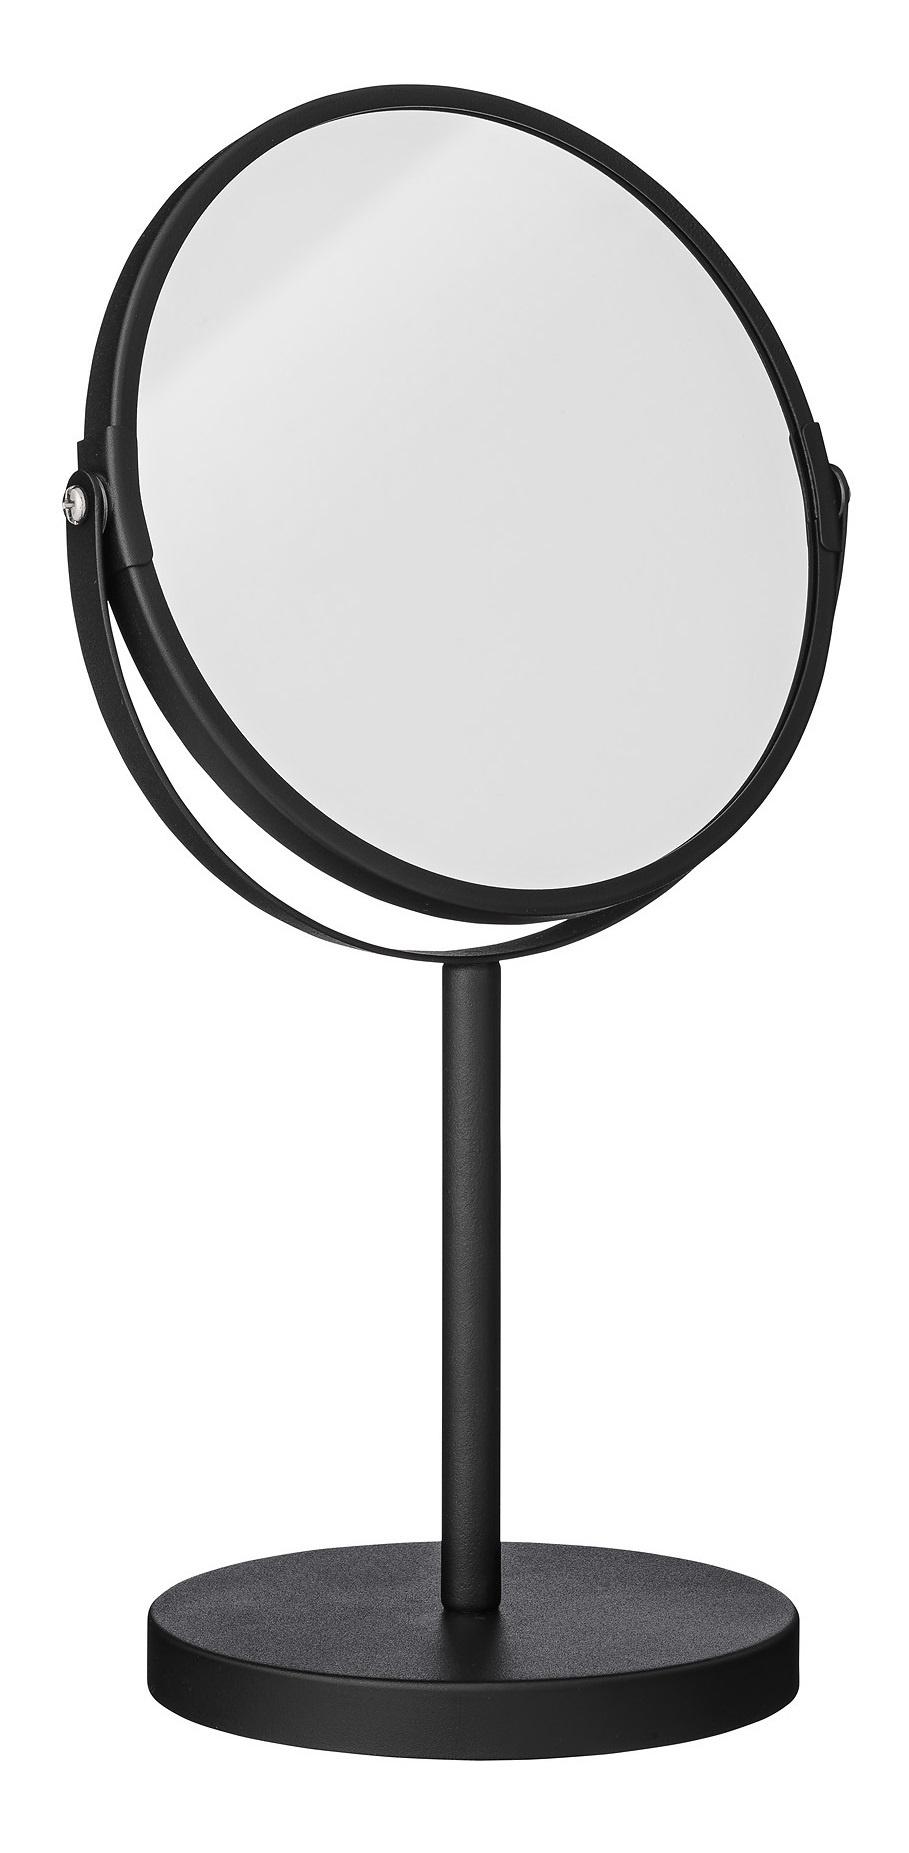 bloomingville spiegel met standaard, zwart metaal